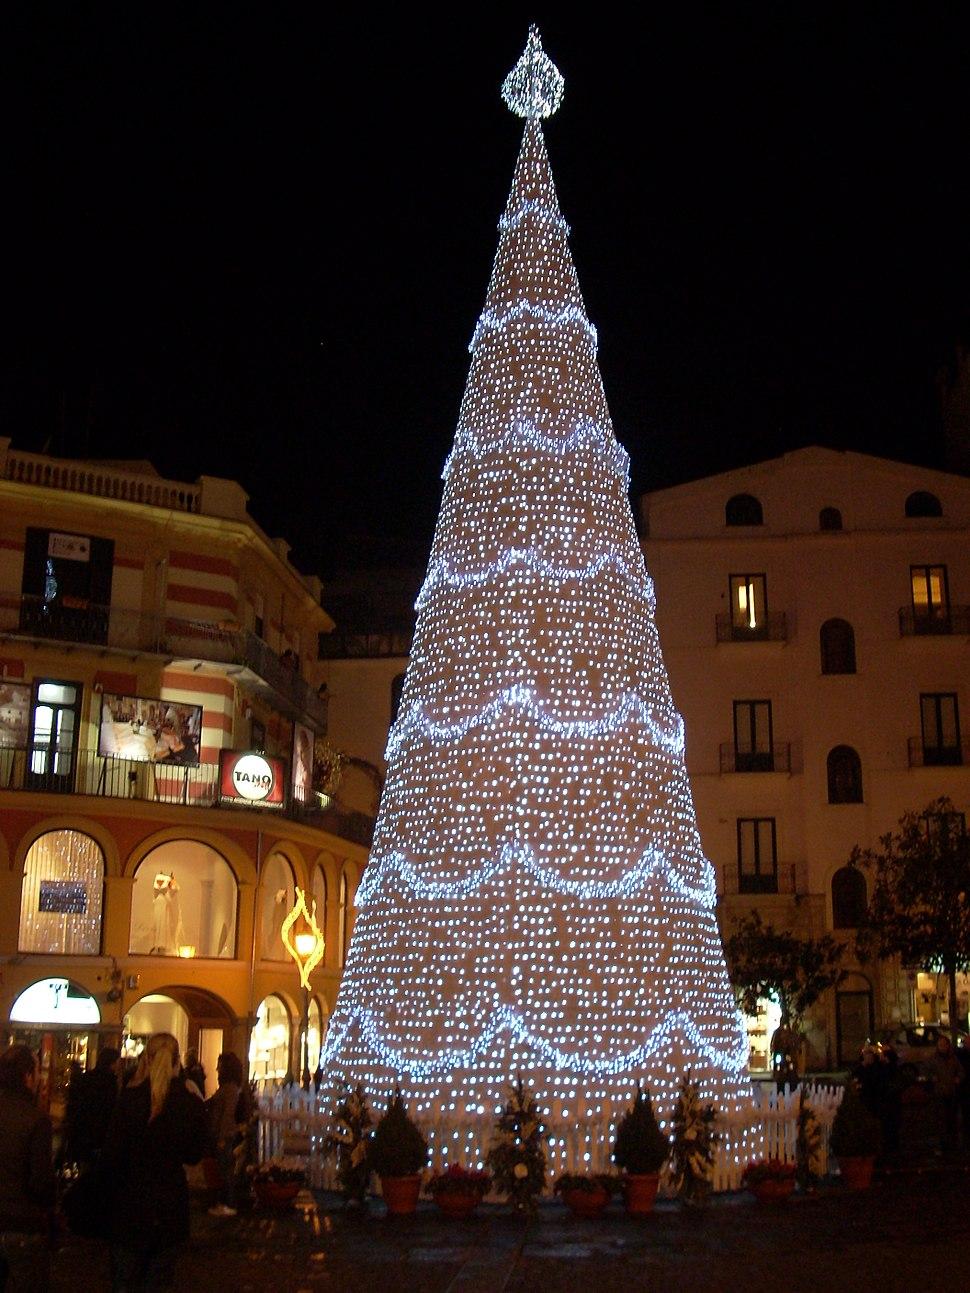 Piazza Portanova Natale 2008